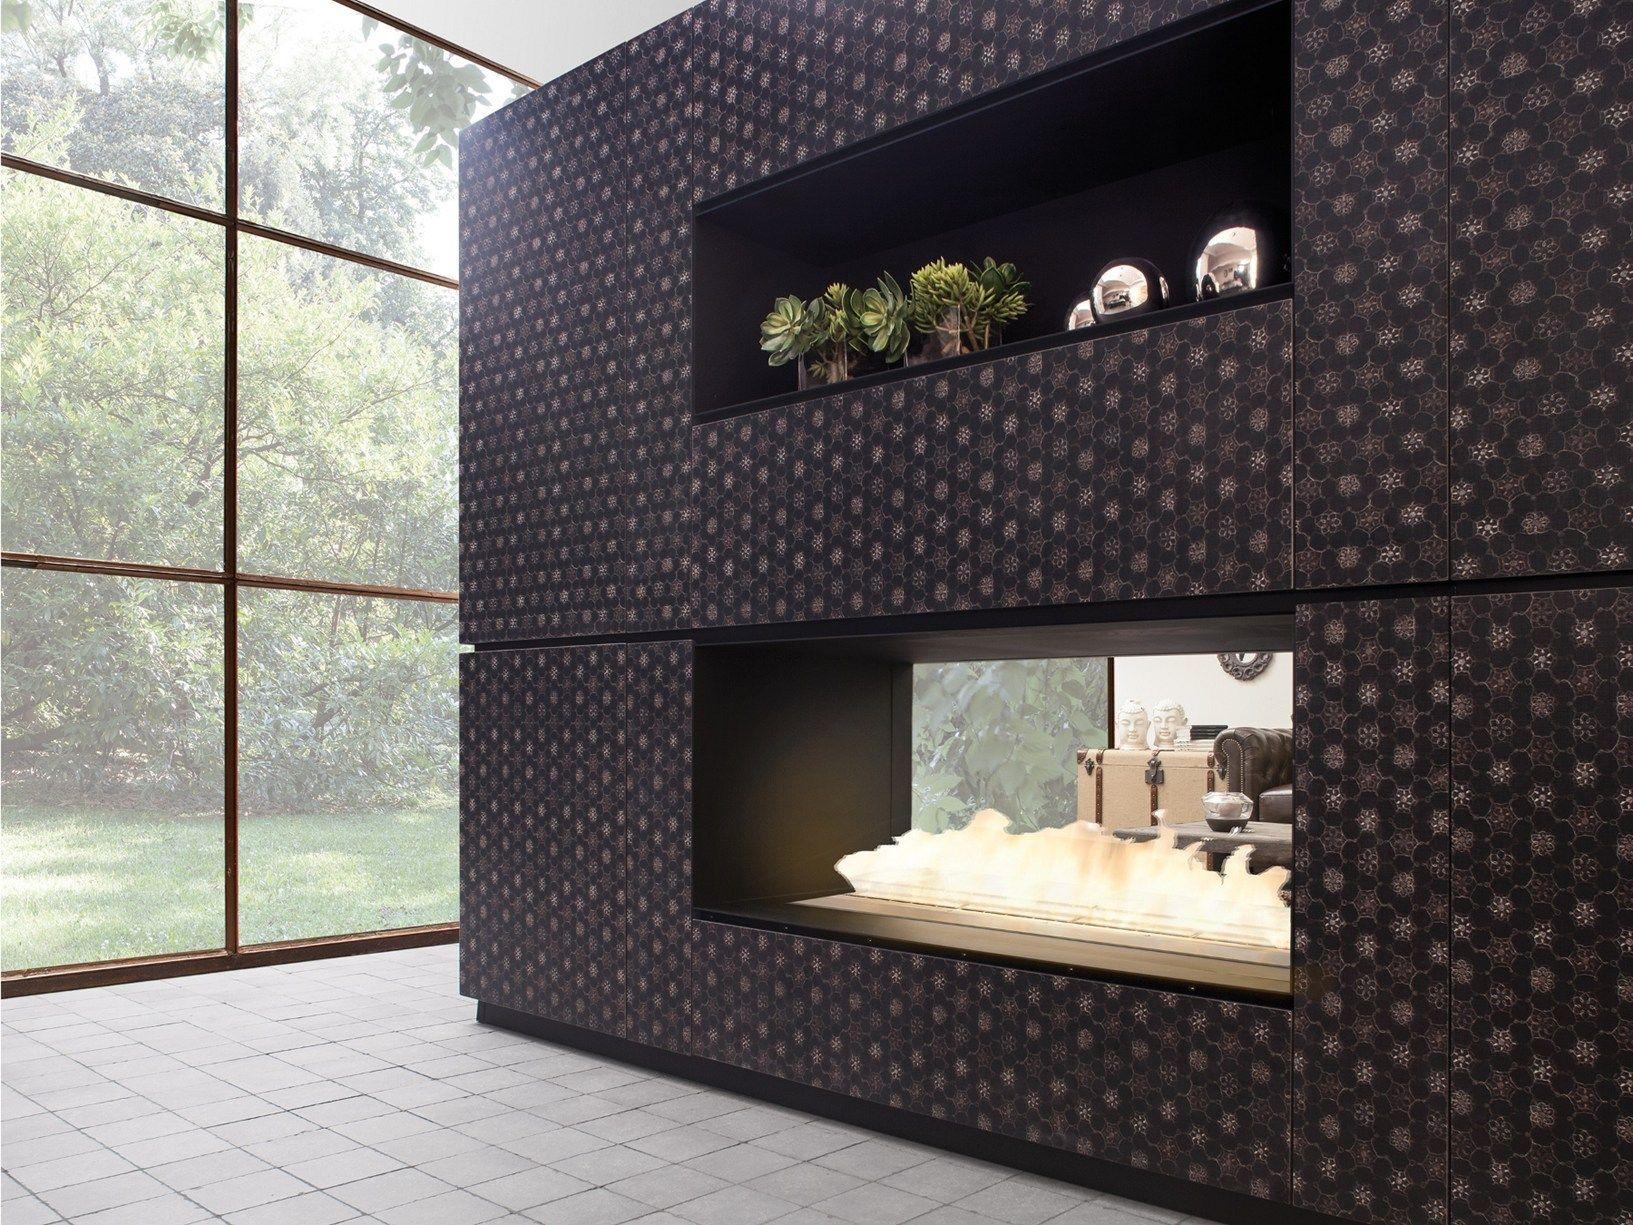 Pareti Divisorie In Tessuto : I mobili contenitori diventano pareti divisorie